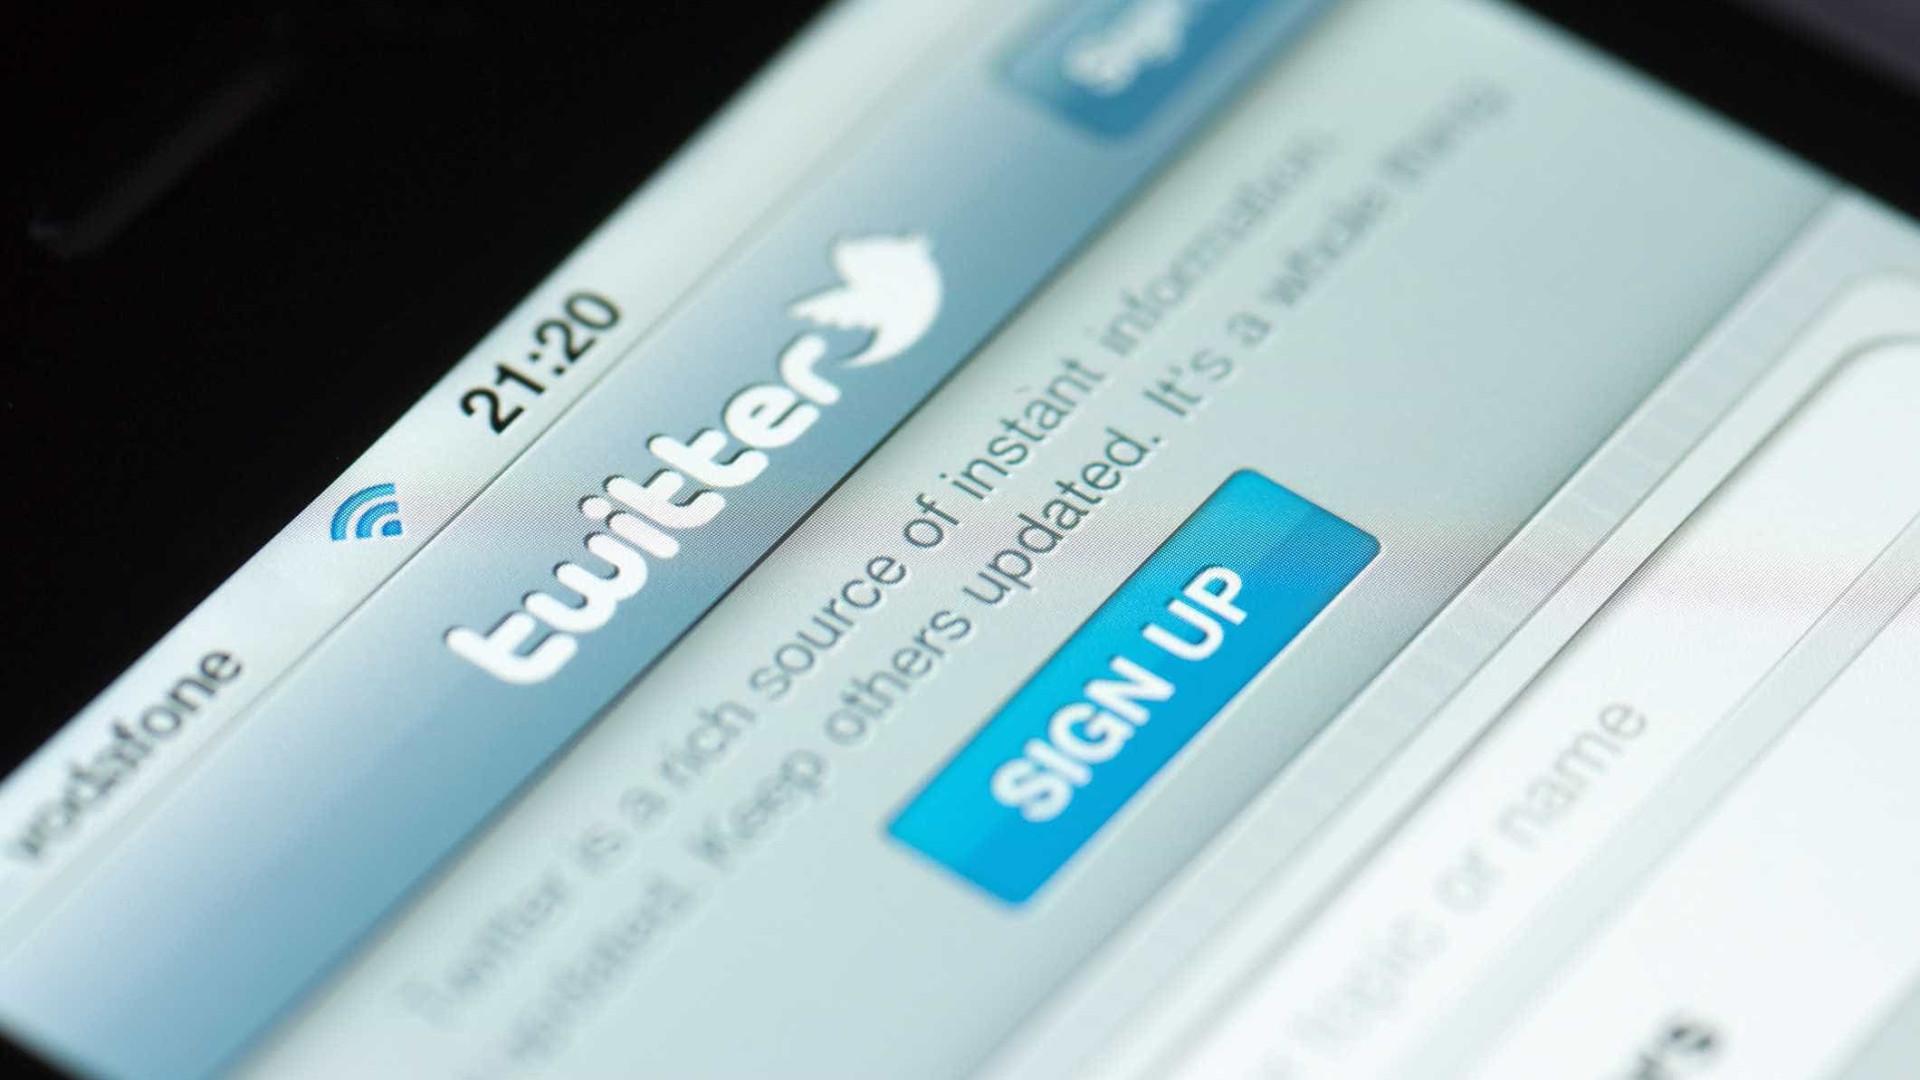 Sabia que o Twitter tem um filtro para conteúdo indesejado?